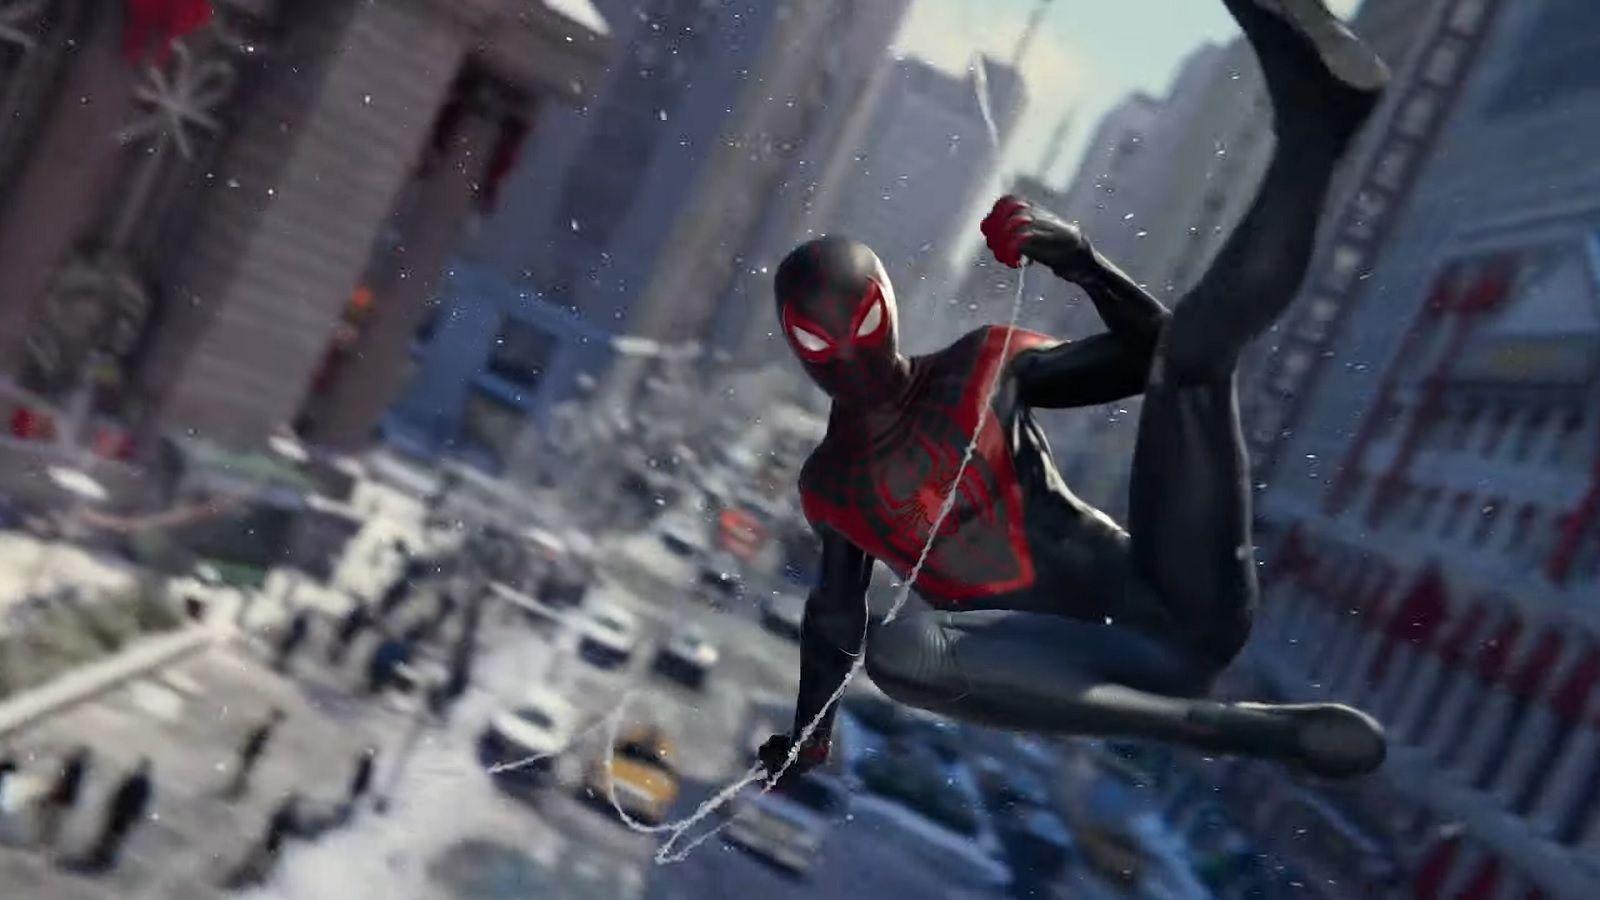 «Вот он, настоящий герой». В Spider-Man: Miles Morales можно найти памятник Стэну Ли